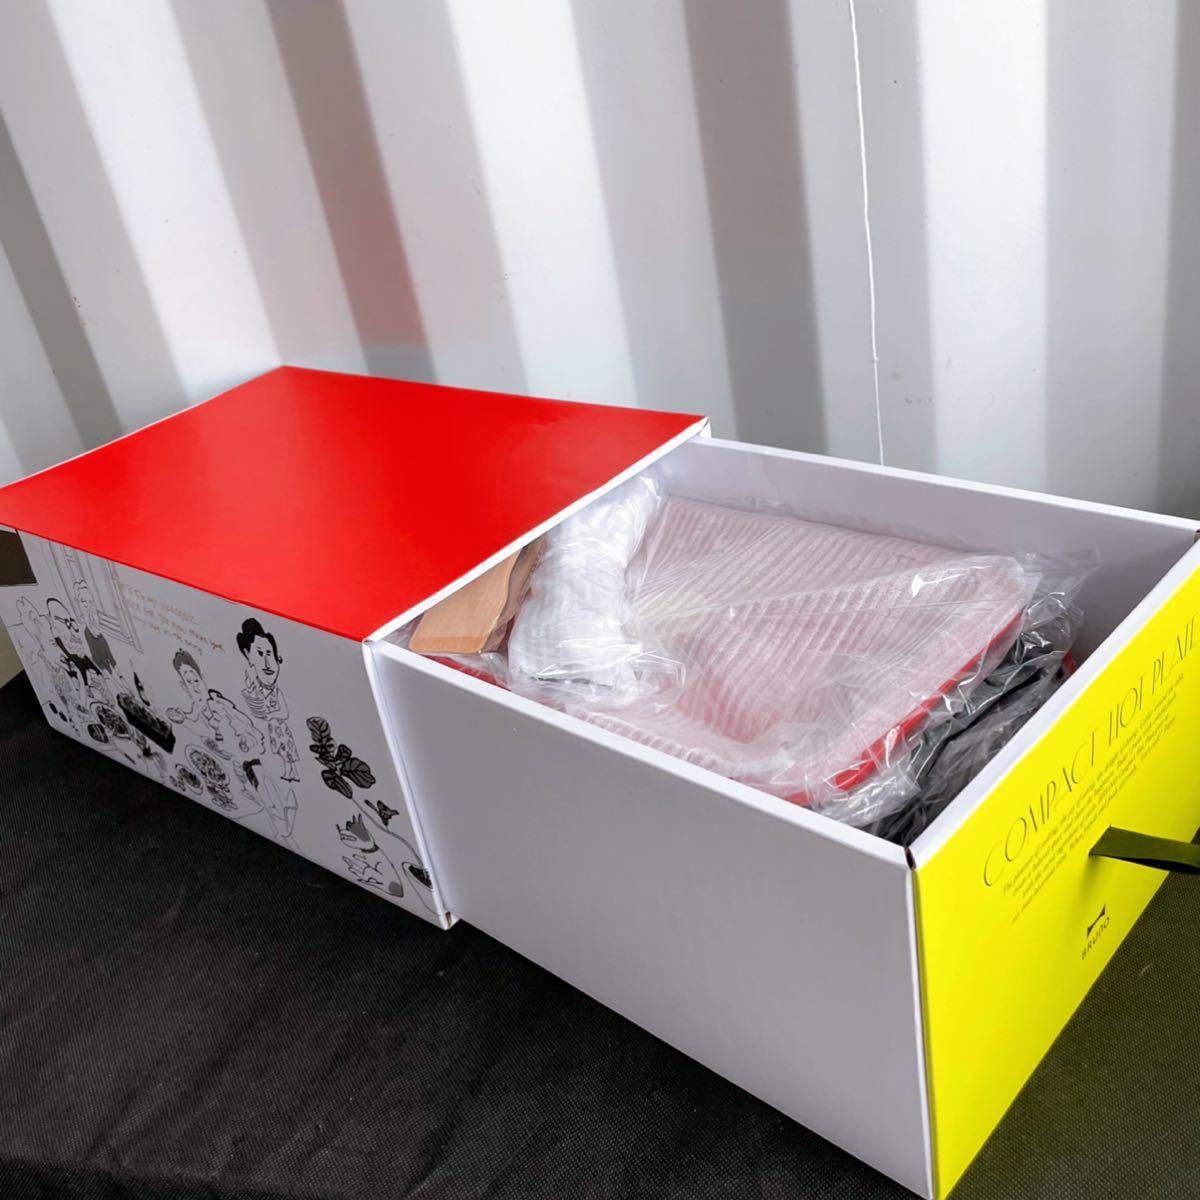 新品! BRUNO ブルーノ コンパクトホットプレート たこ焼き機 お好み焼き機 焼肉機 鉄板 調理機器 レッド ヒーター分離式 BOE021_画像2